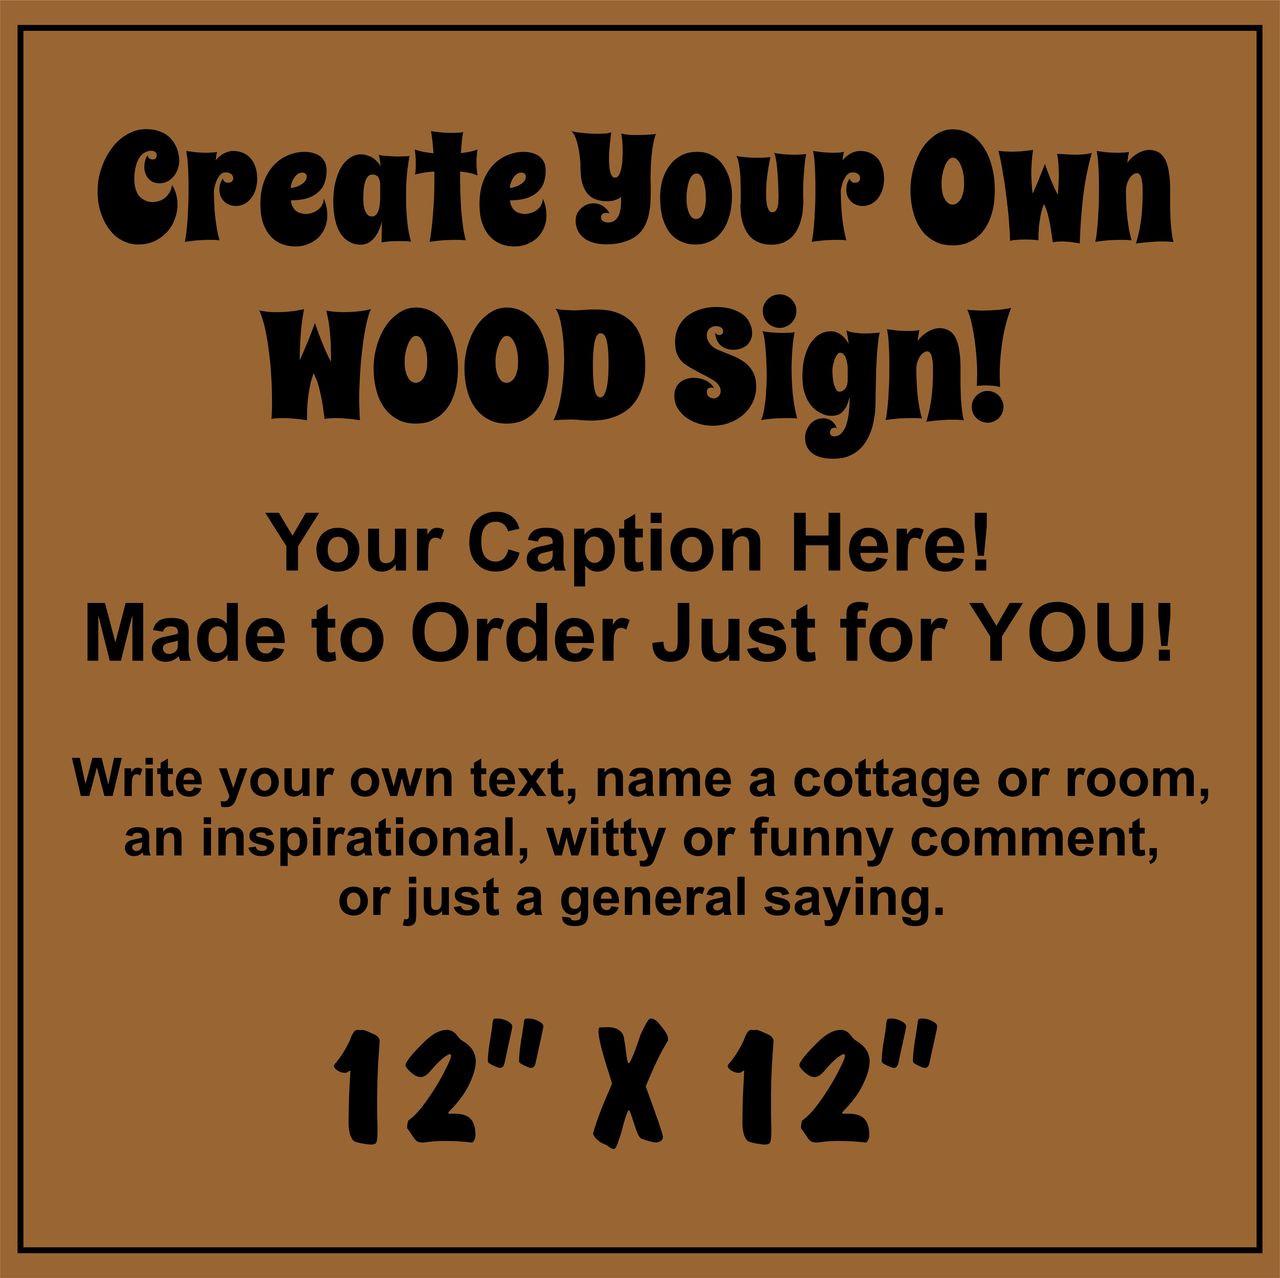 Custom Wood Sign 12x12